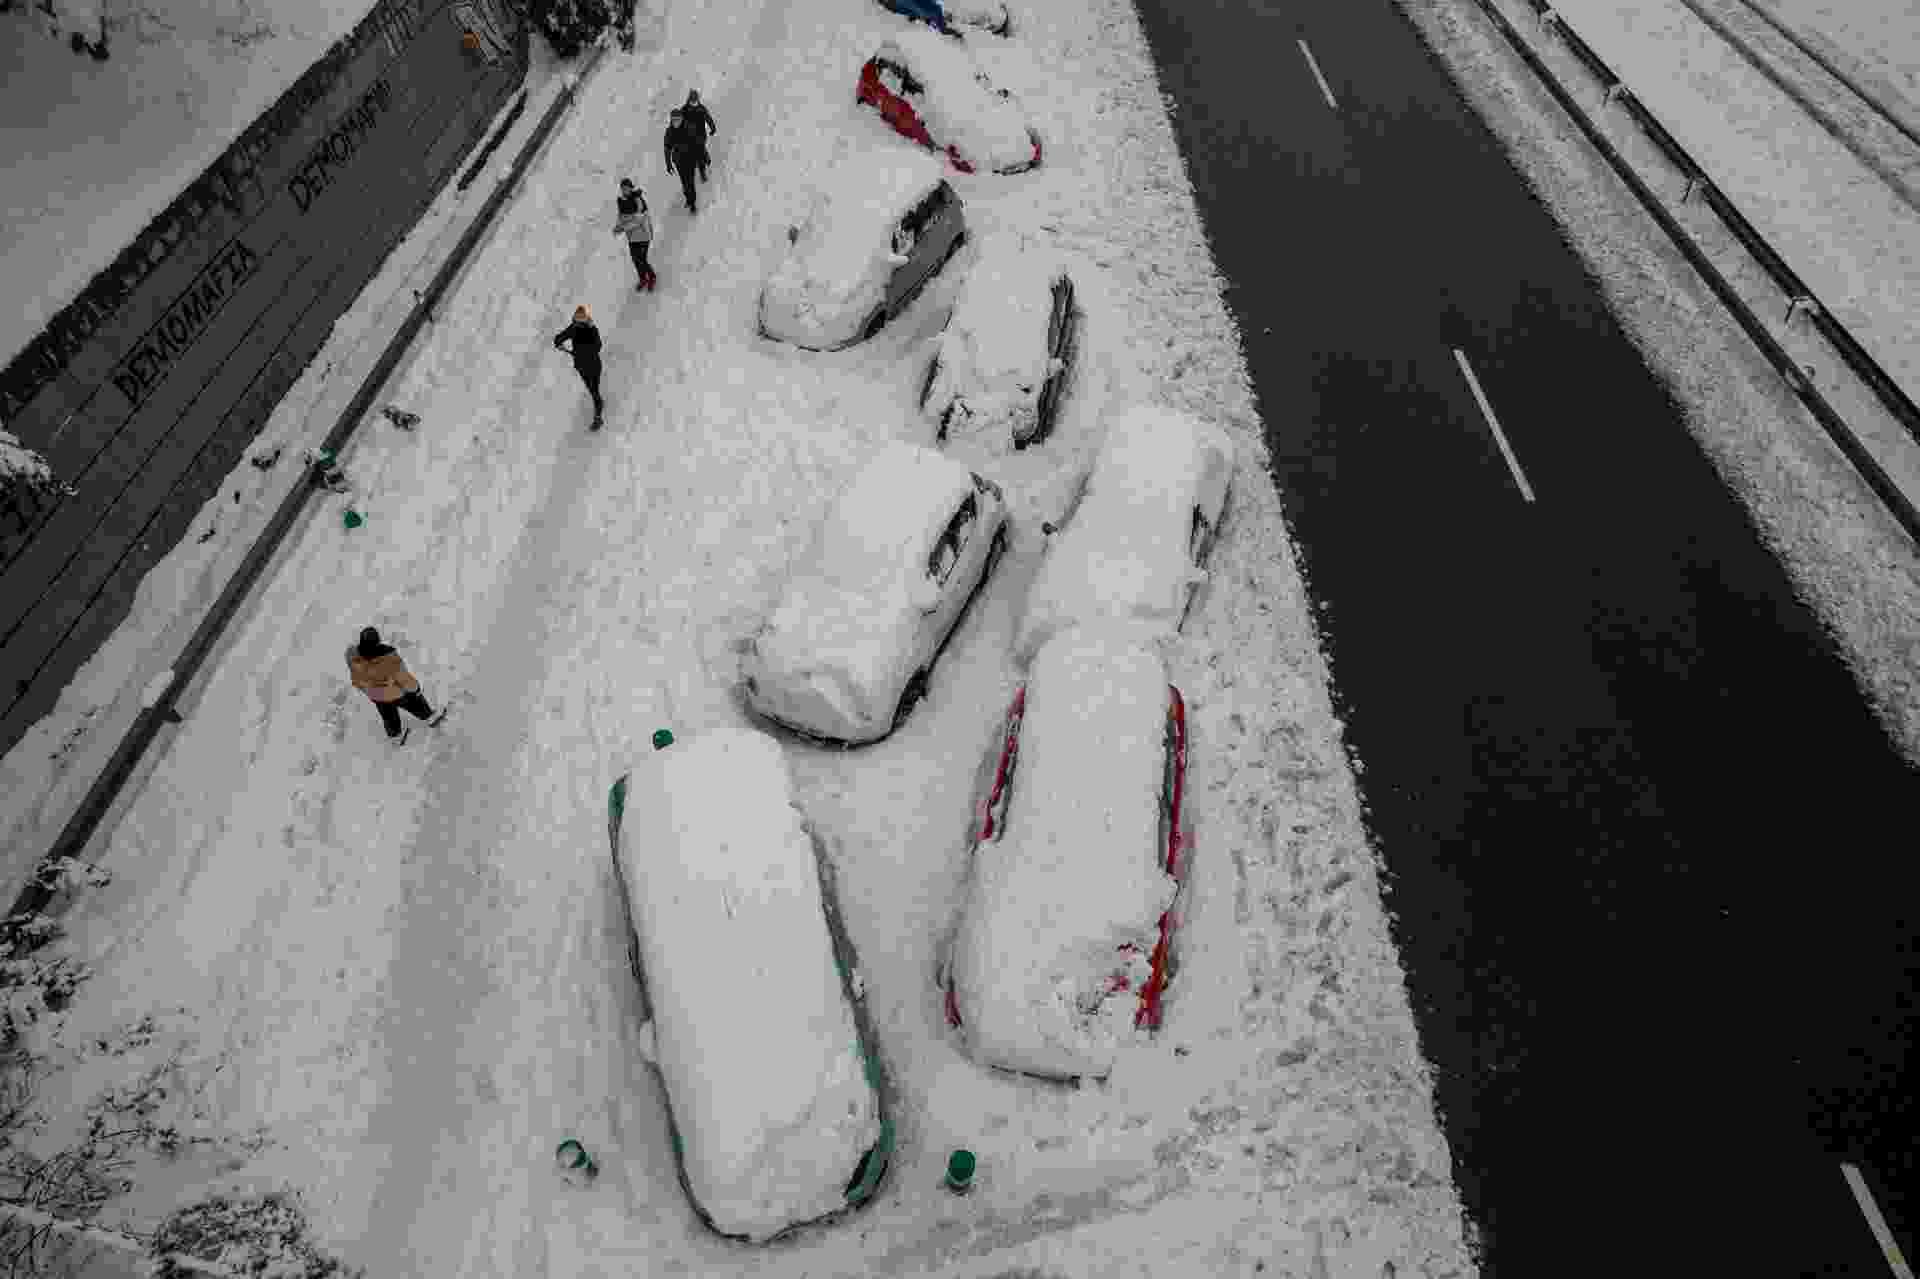 9.jan.2021 - Carros ficam presos na neve após nevasca que atingiu Espanha - Pablo Blazquez Dominguez/Getty Images